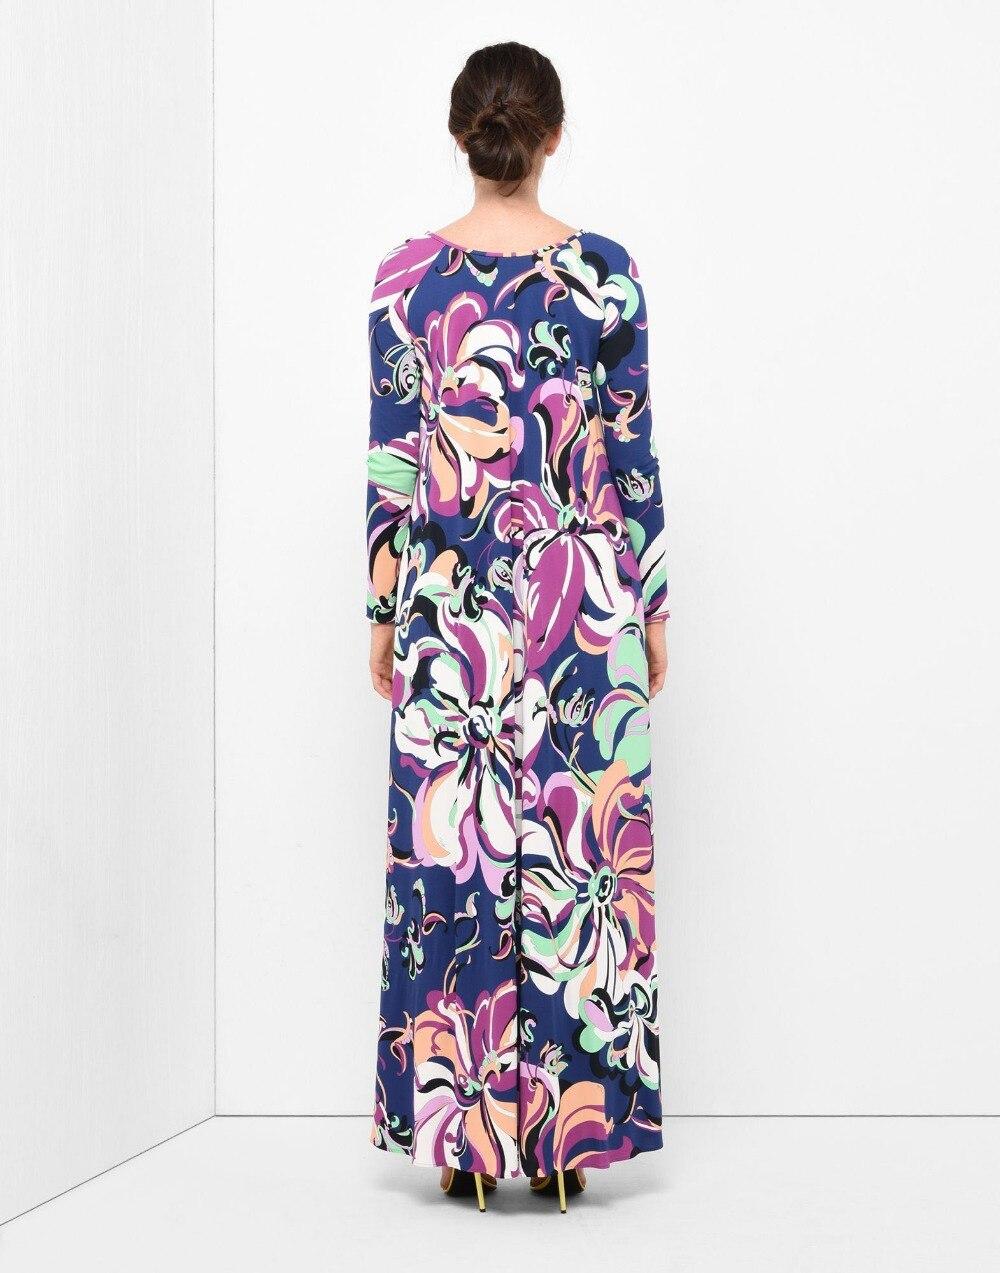 Nouvelle mode 2018 Designer luxe Maxi robe femmes à manches longues bleu géométrie imprimer XL XXL Stretch Jersey soie Spandex longue robe-in Robes from Mode Femme et Accessoires    2